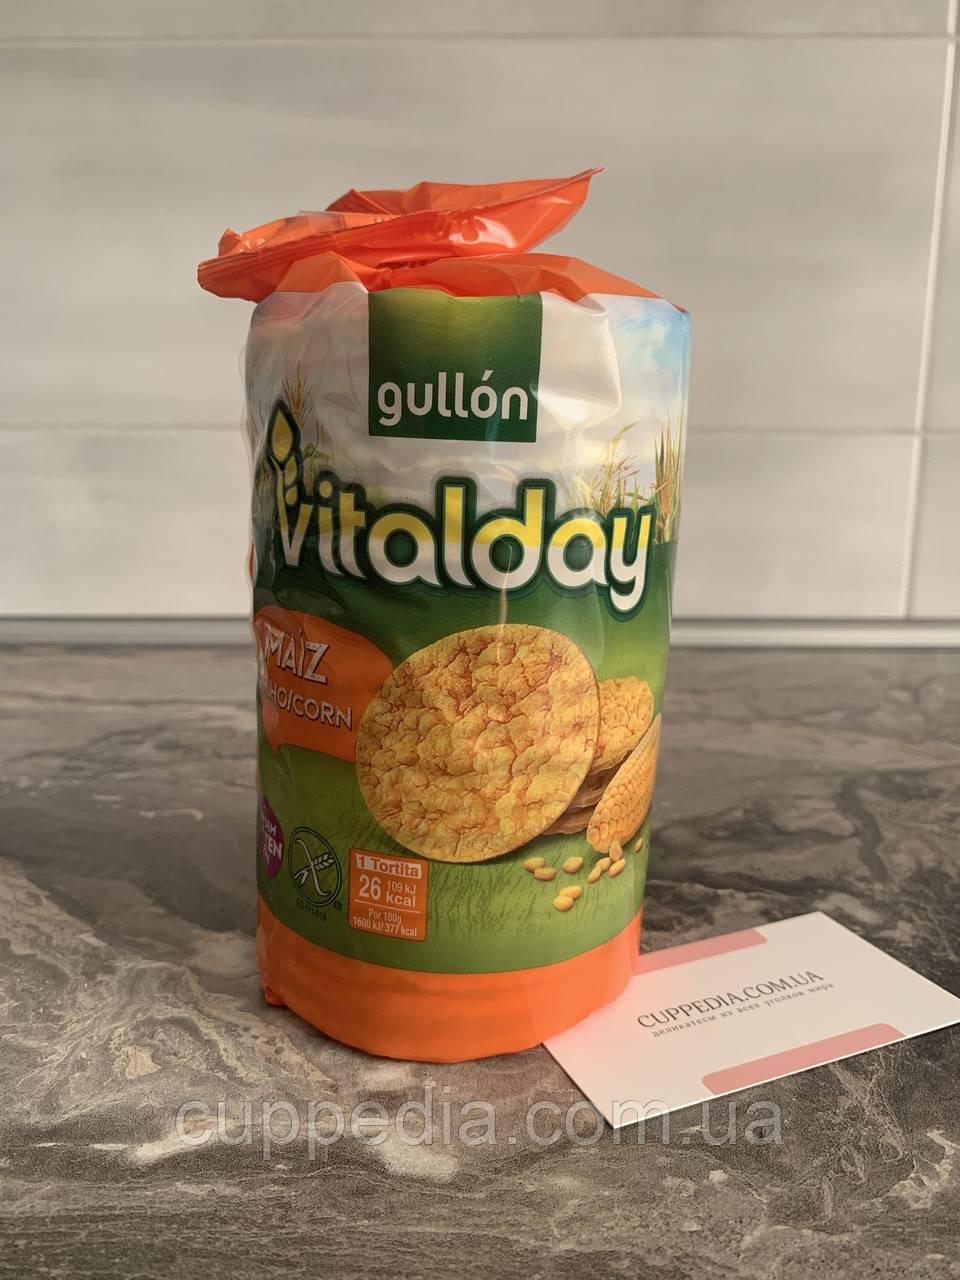 Кукурудзяні хлібці Gullon Maiz milho/corn без глютену 130 грм